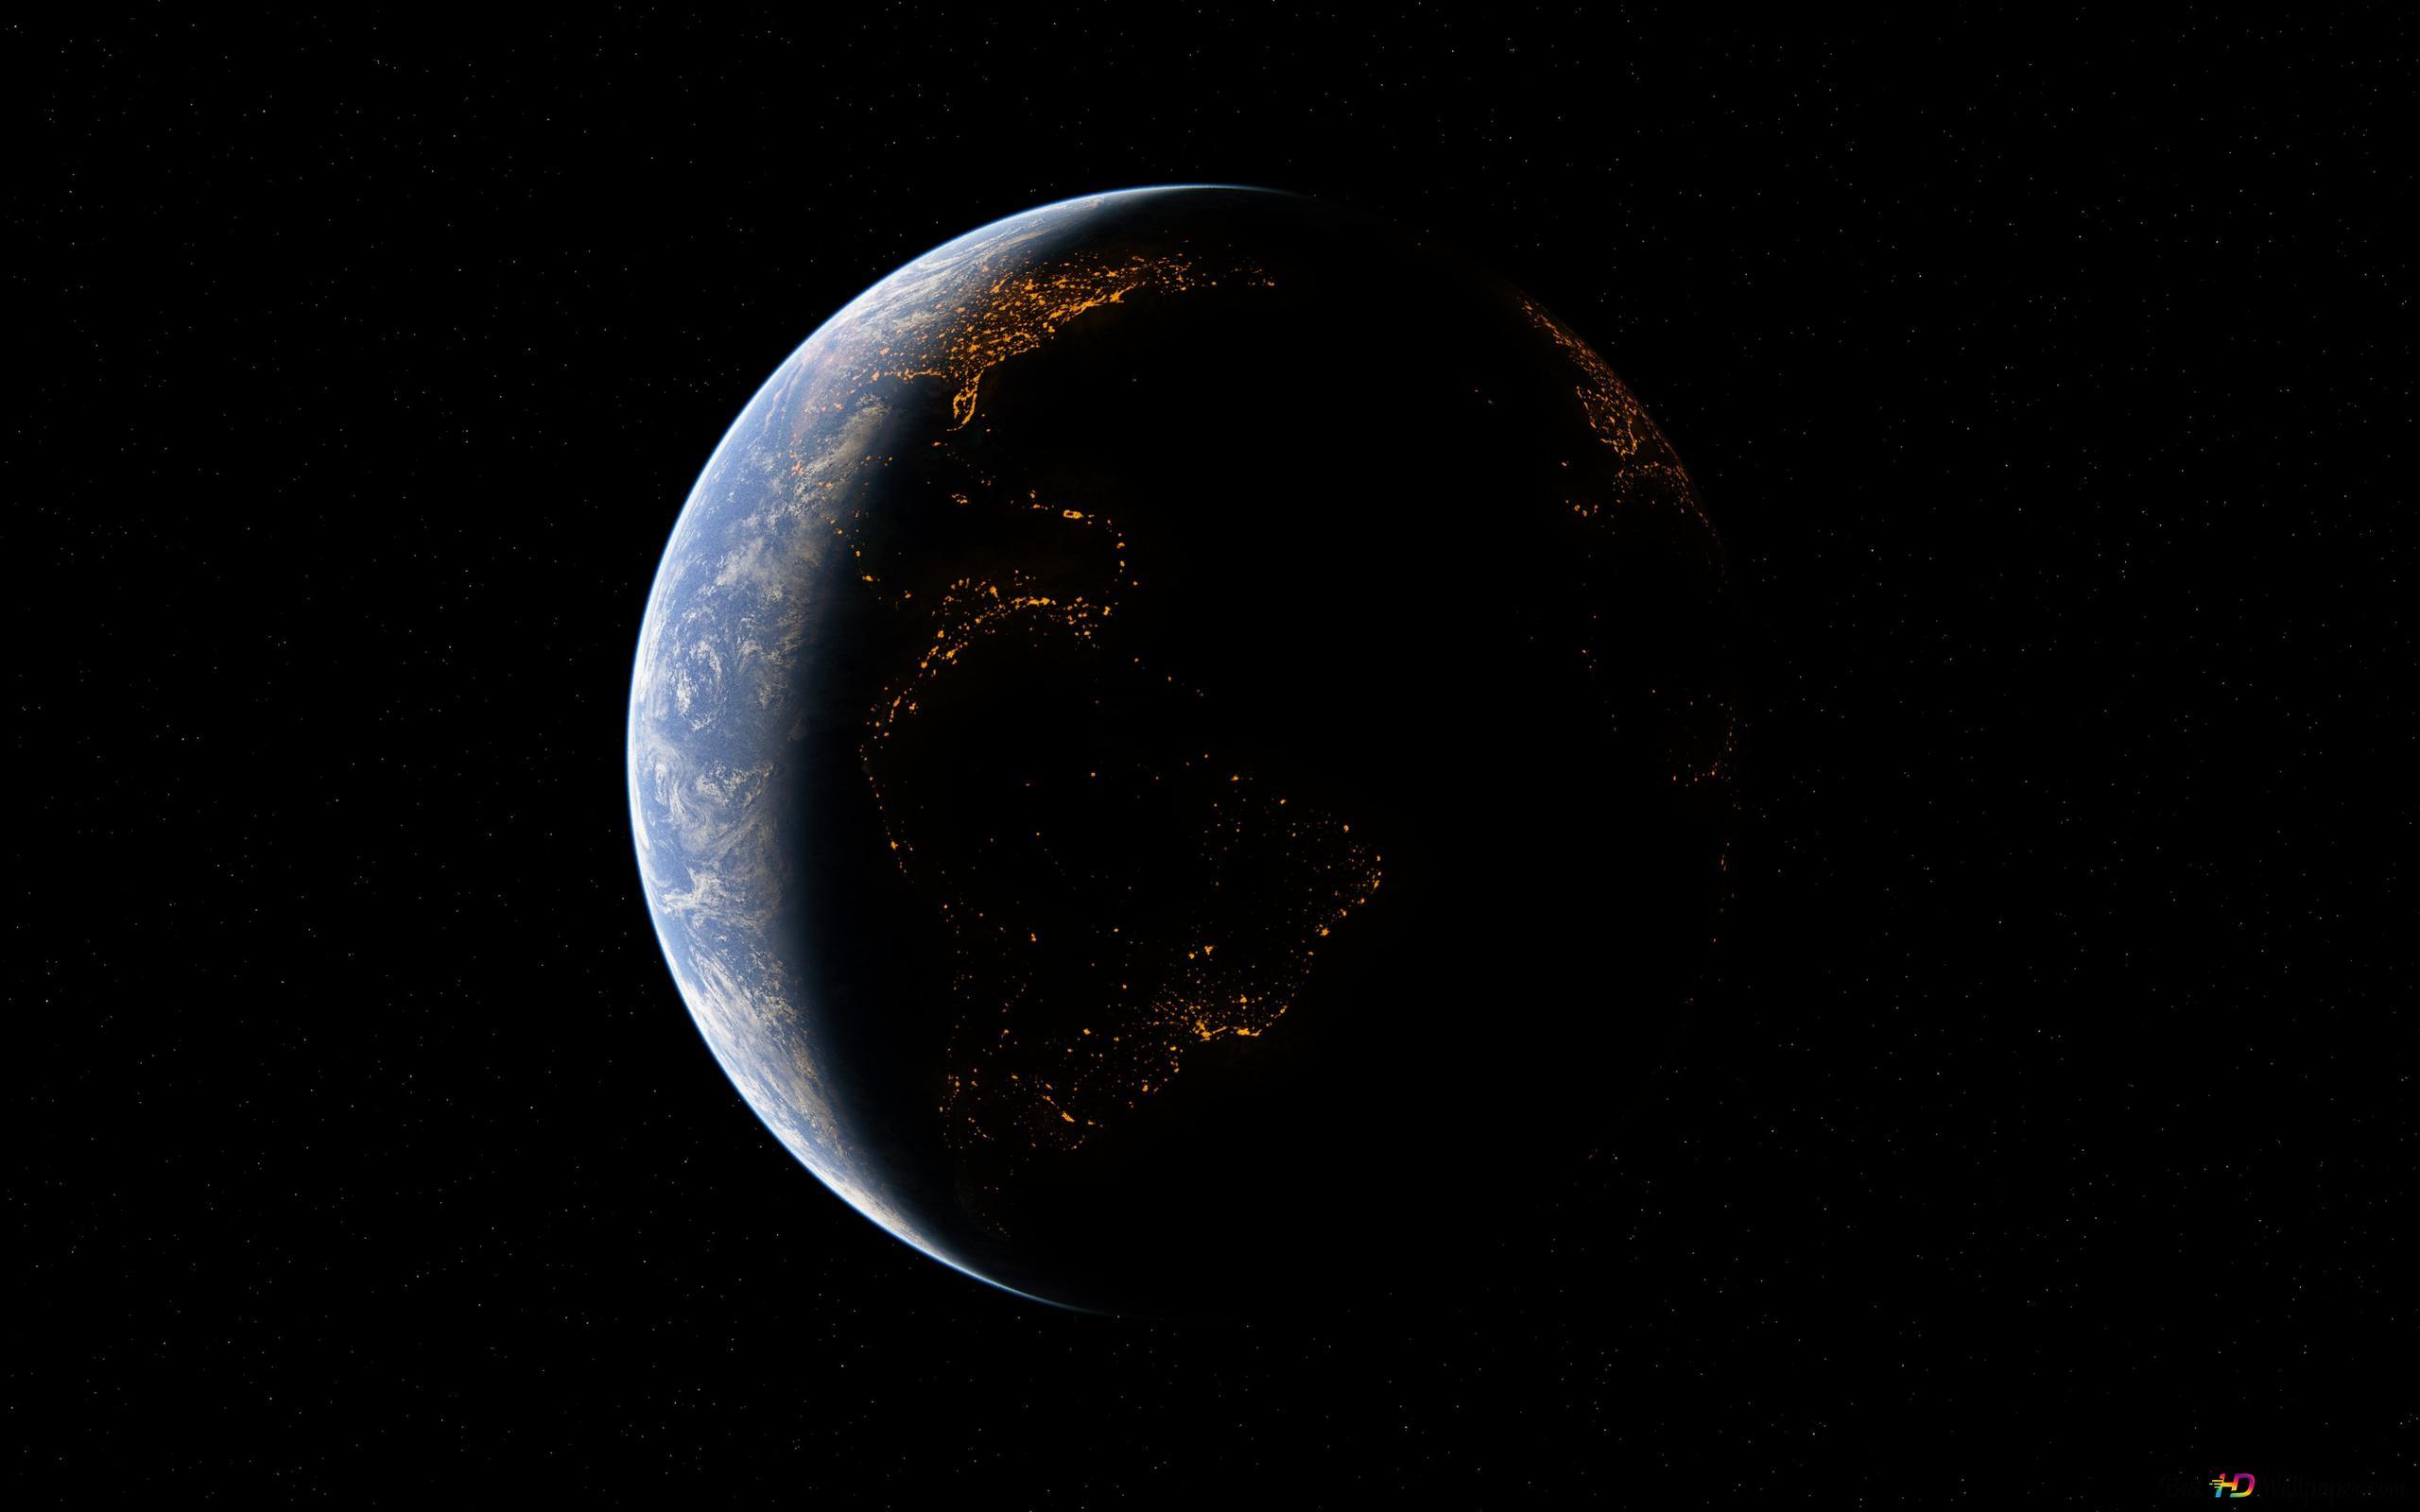 宇宙からの地球の夜 Hd壁紙のダウンロード